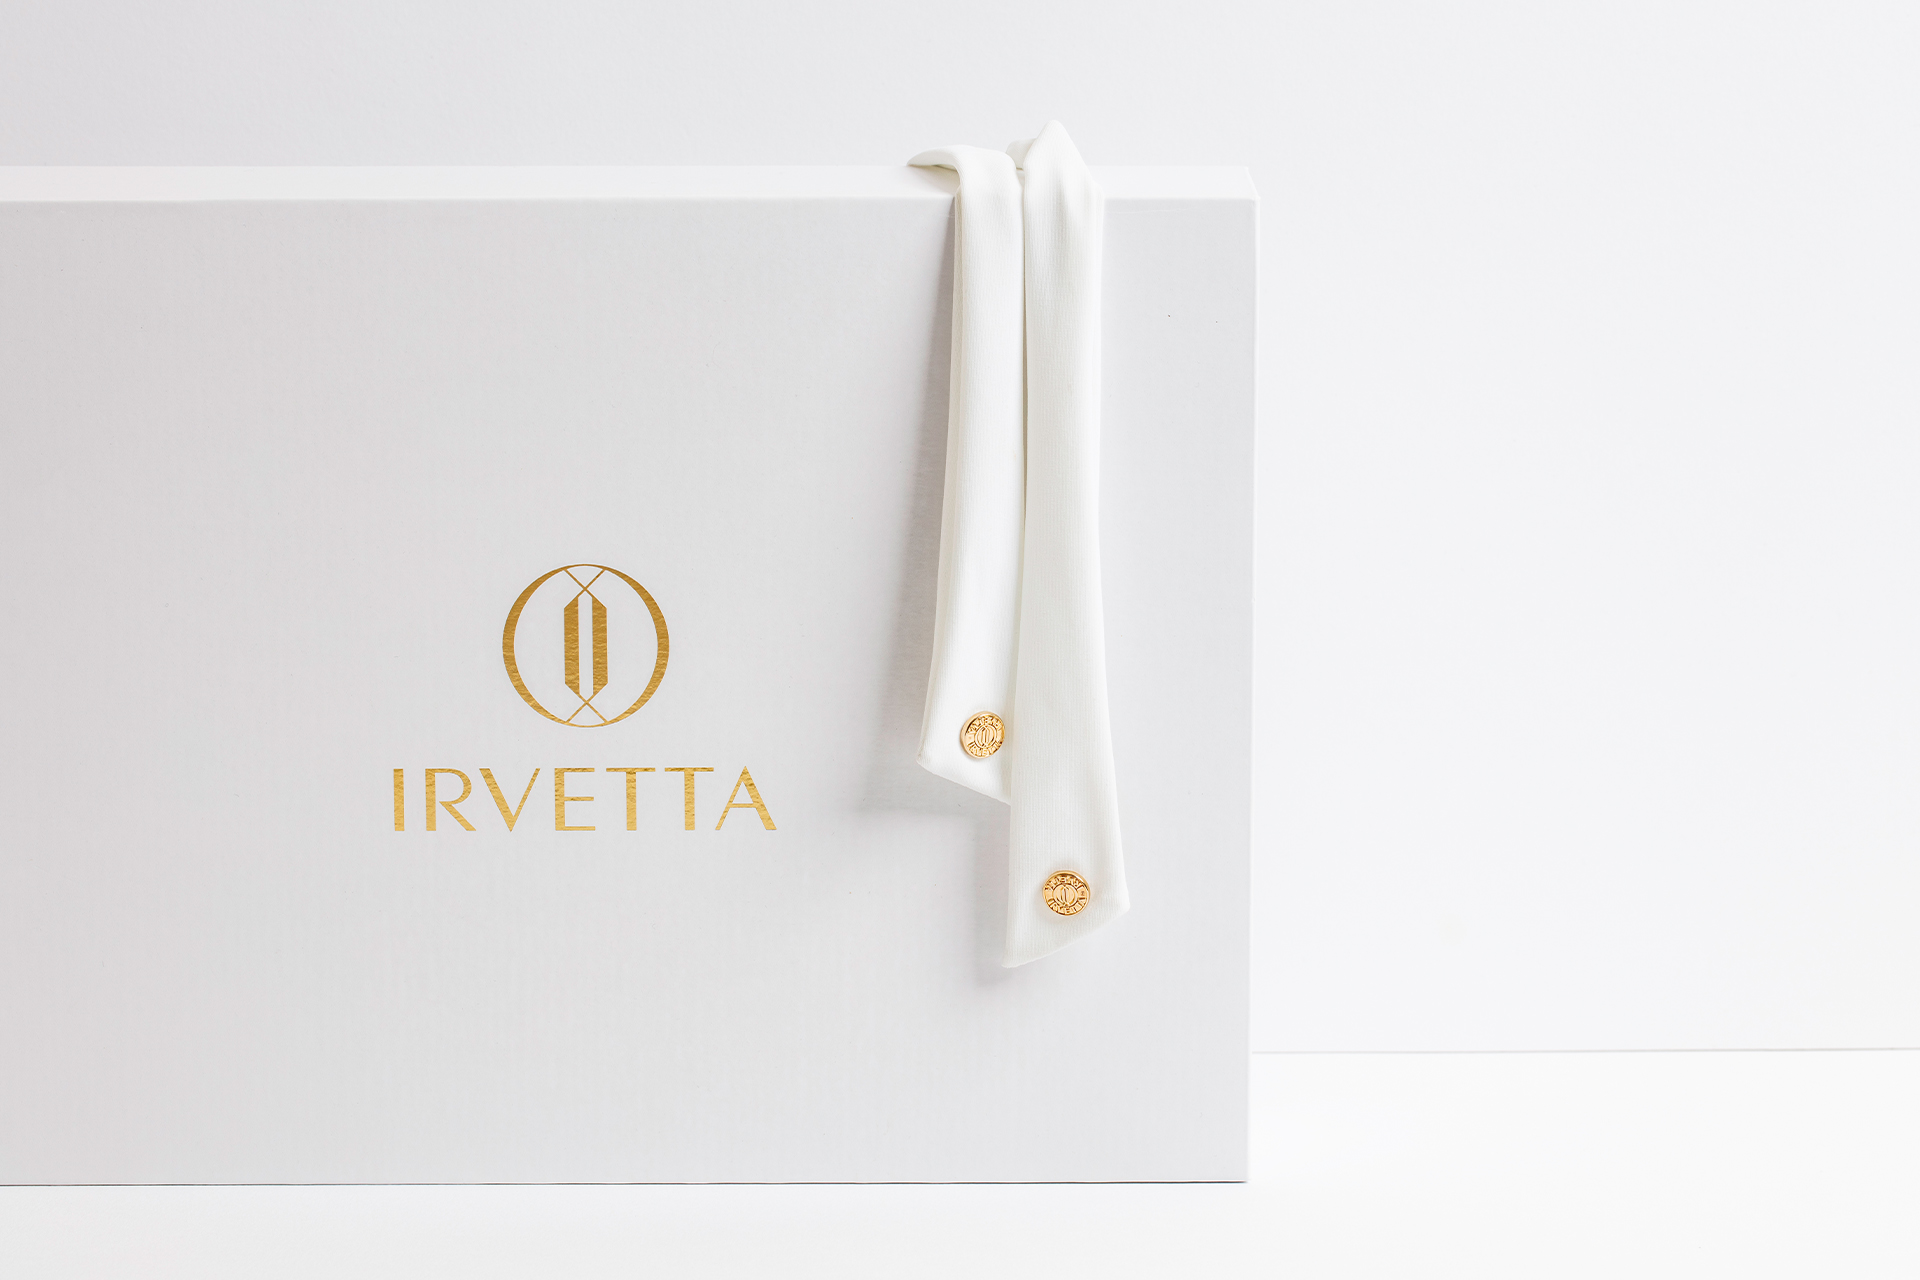 Irvetta Swimwear Branding by Alexandra Necula Design